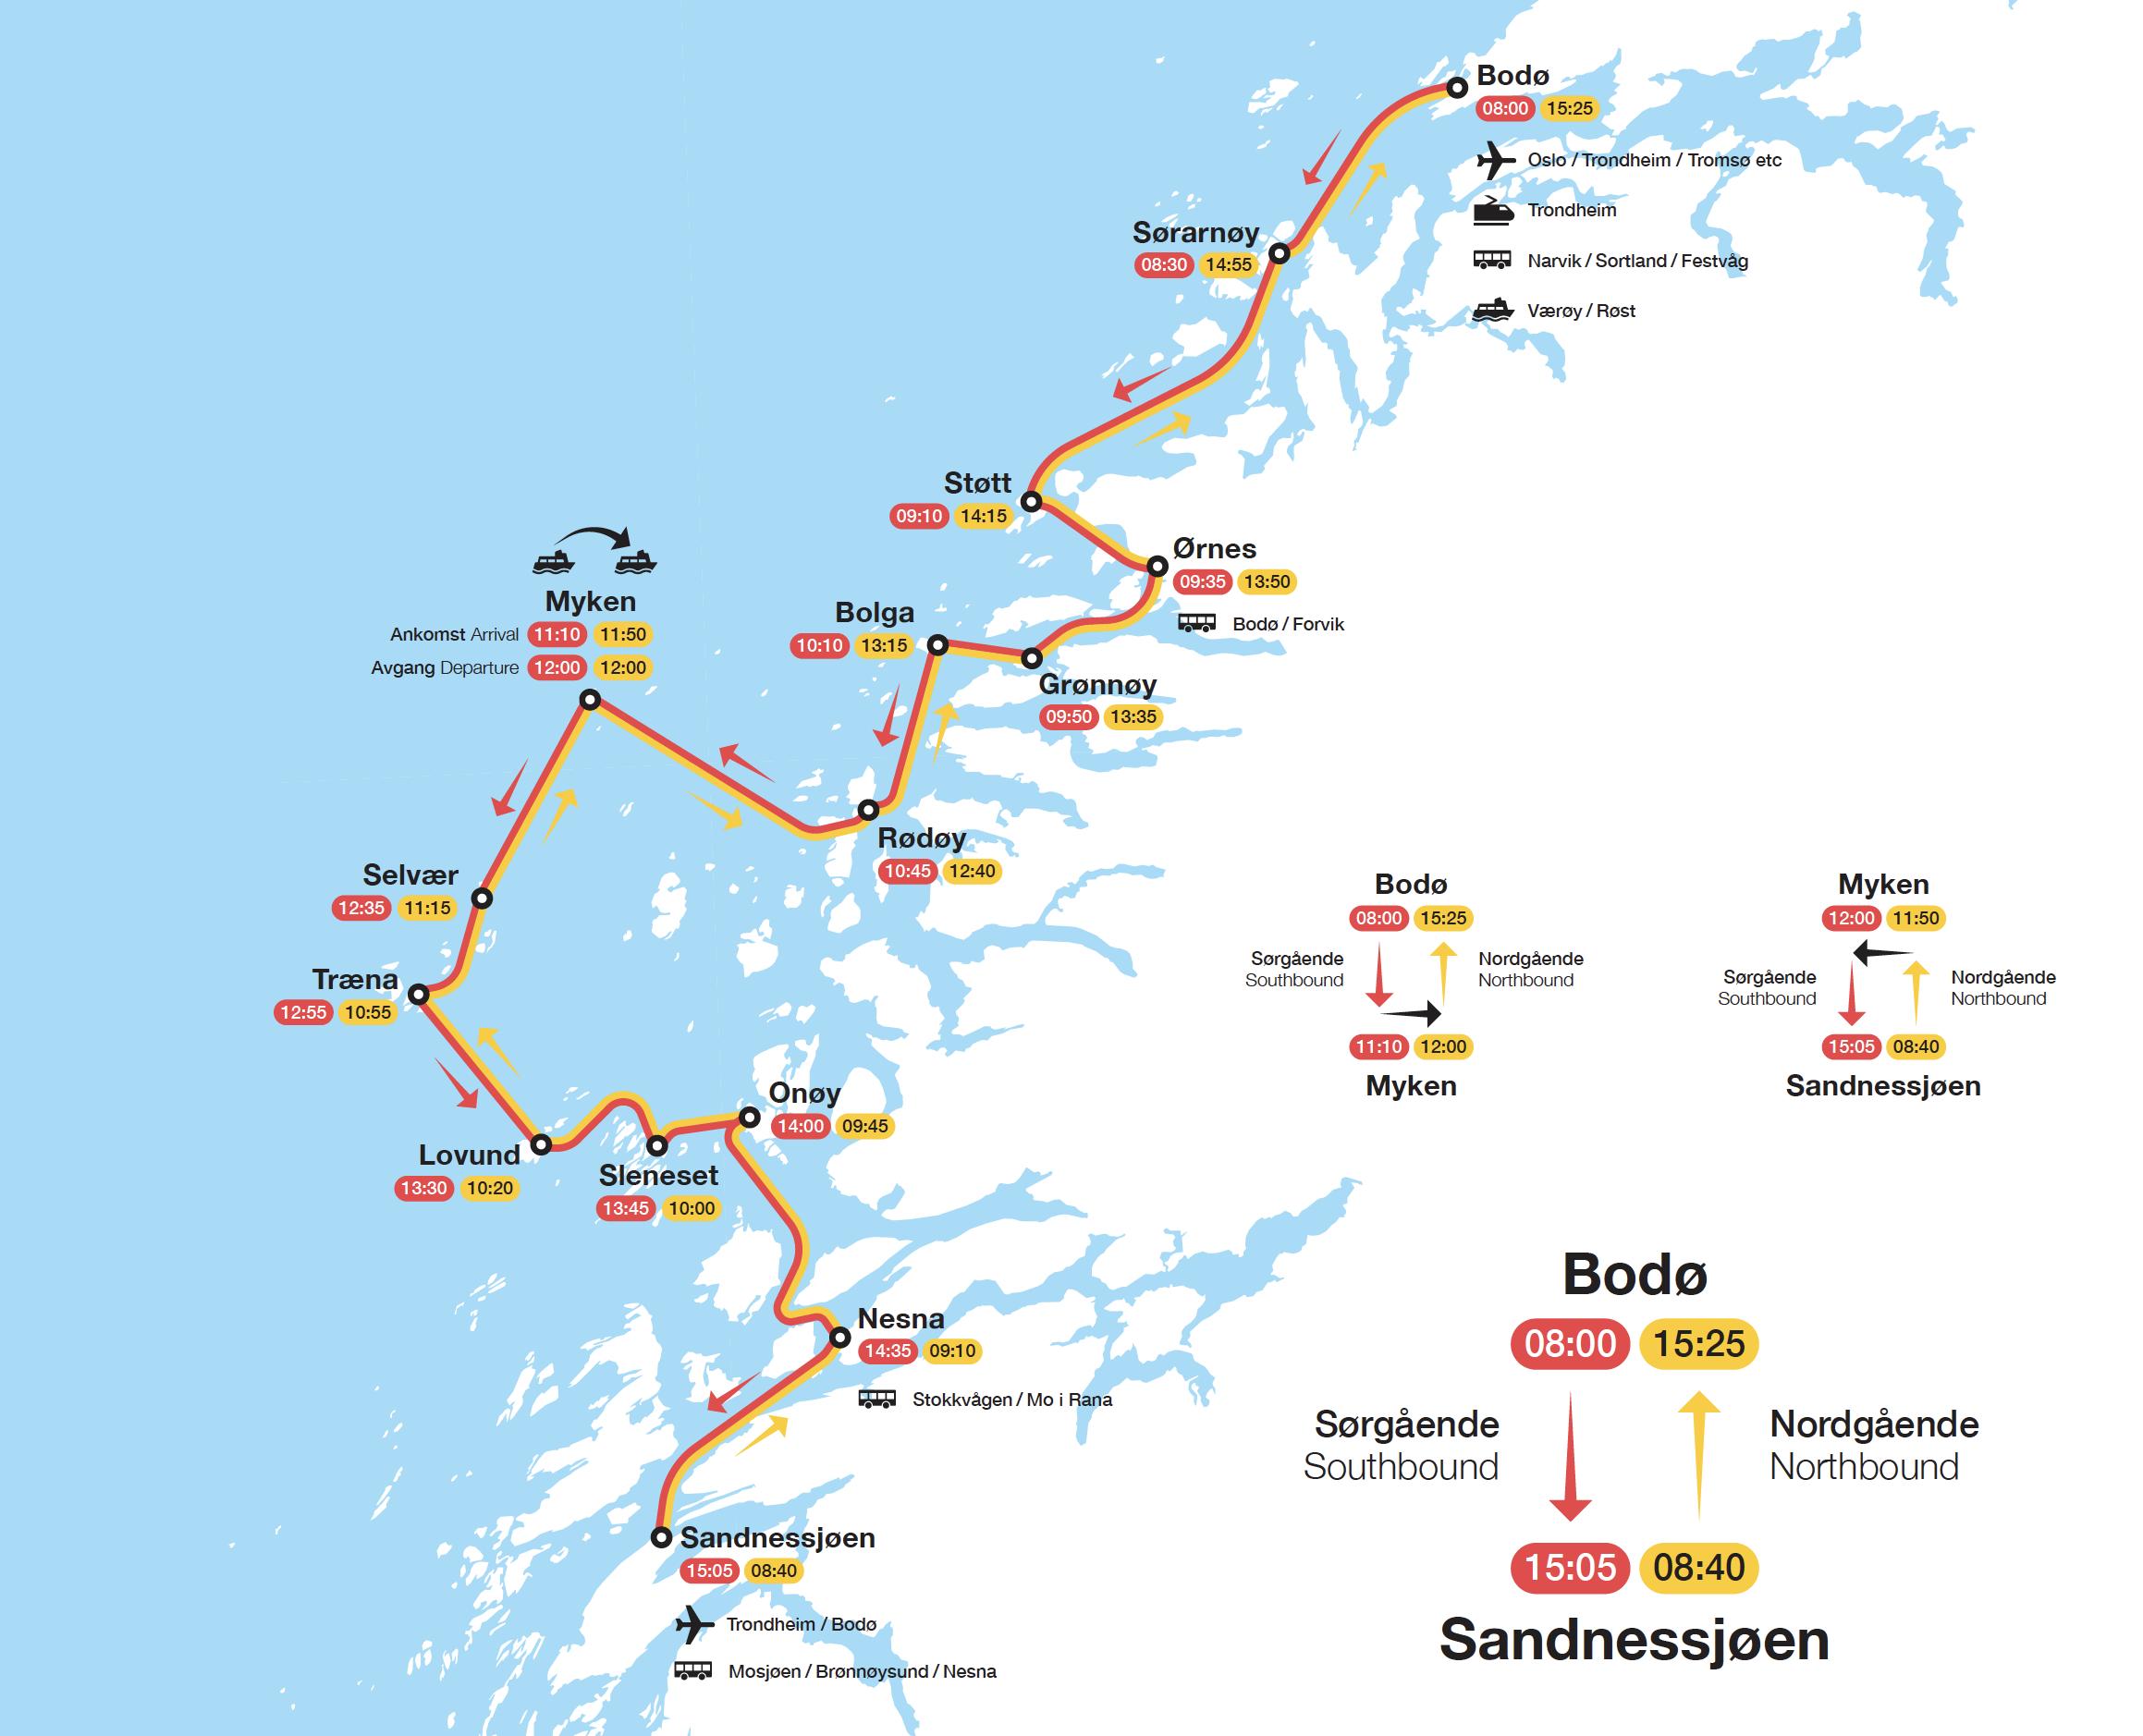 Skjermbilde 2019-03-05 14.22.36.png